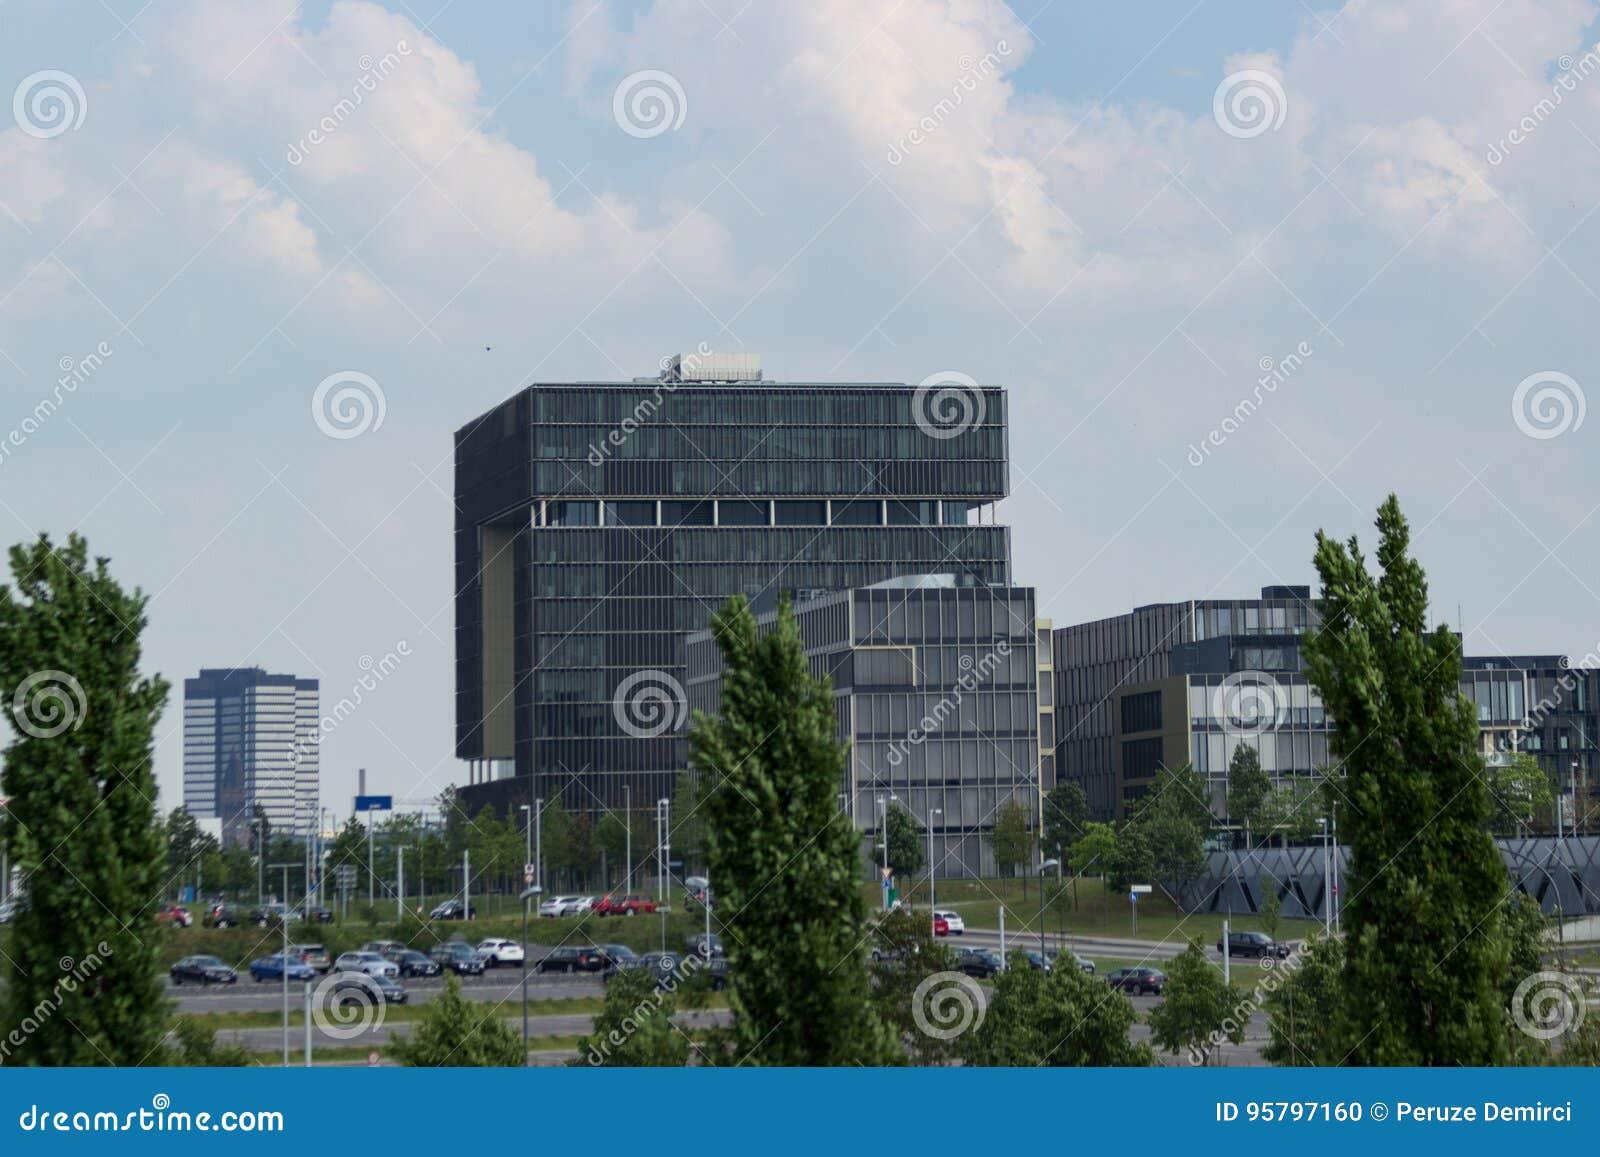 Krupp högkvarter på horisonten